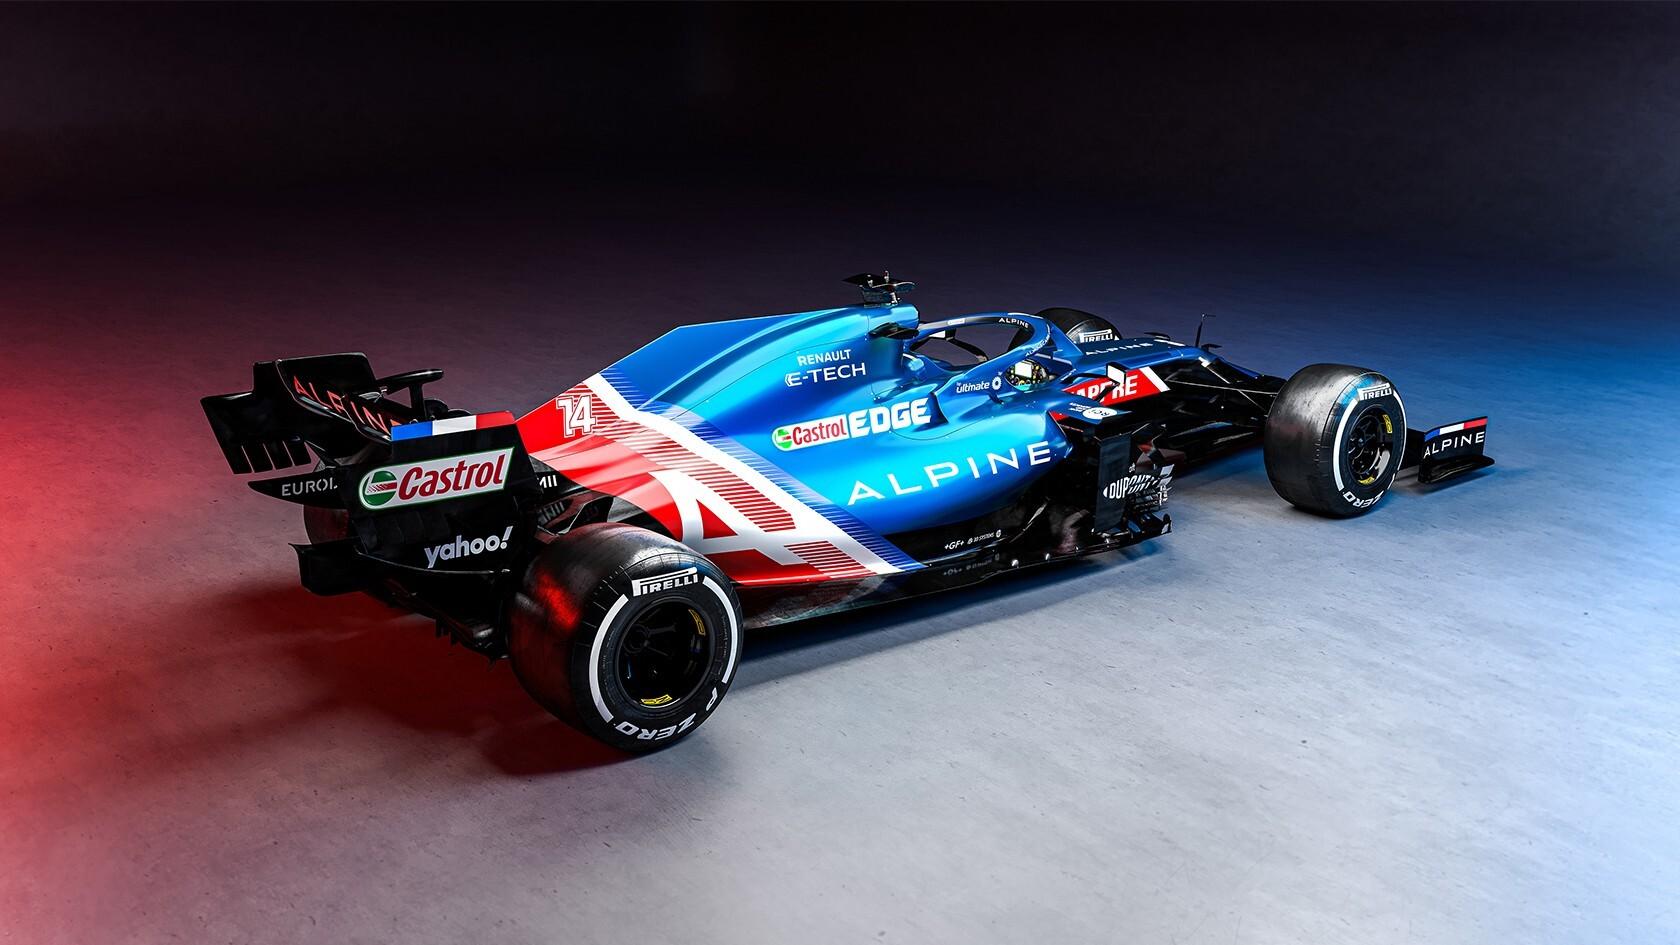 Alpine Formule 1